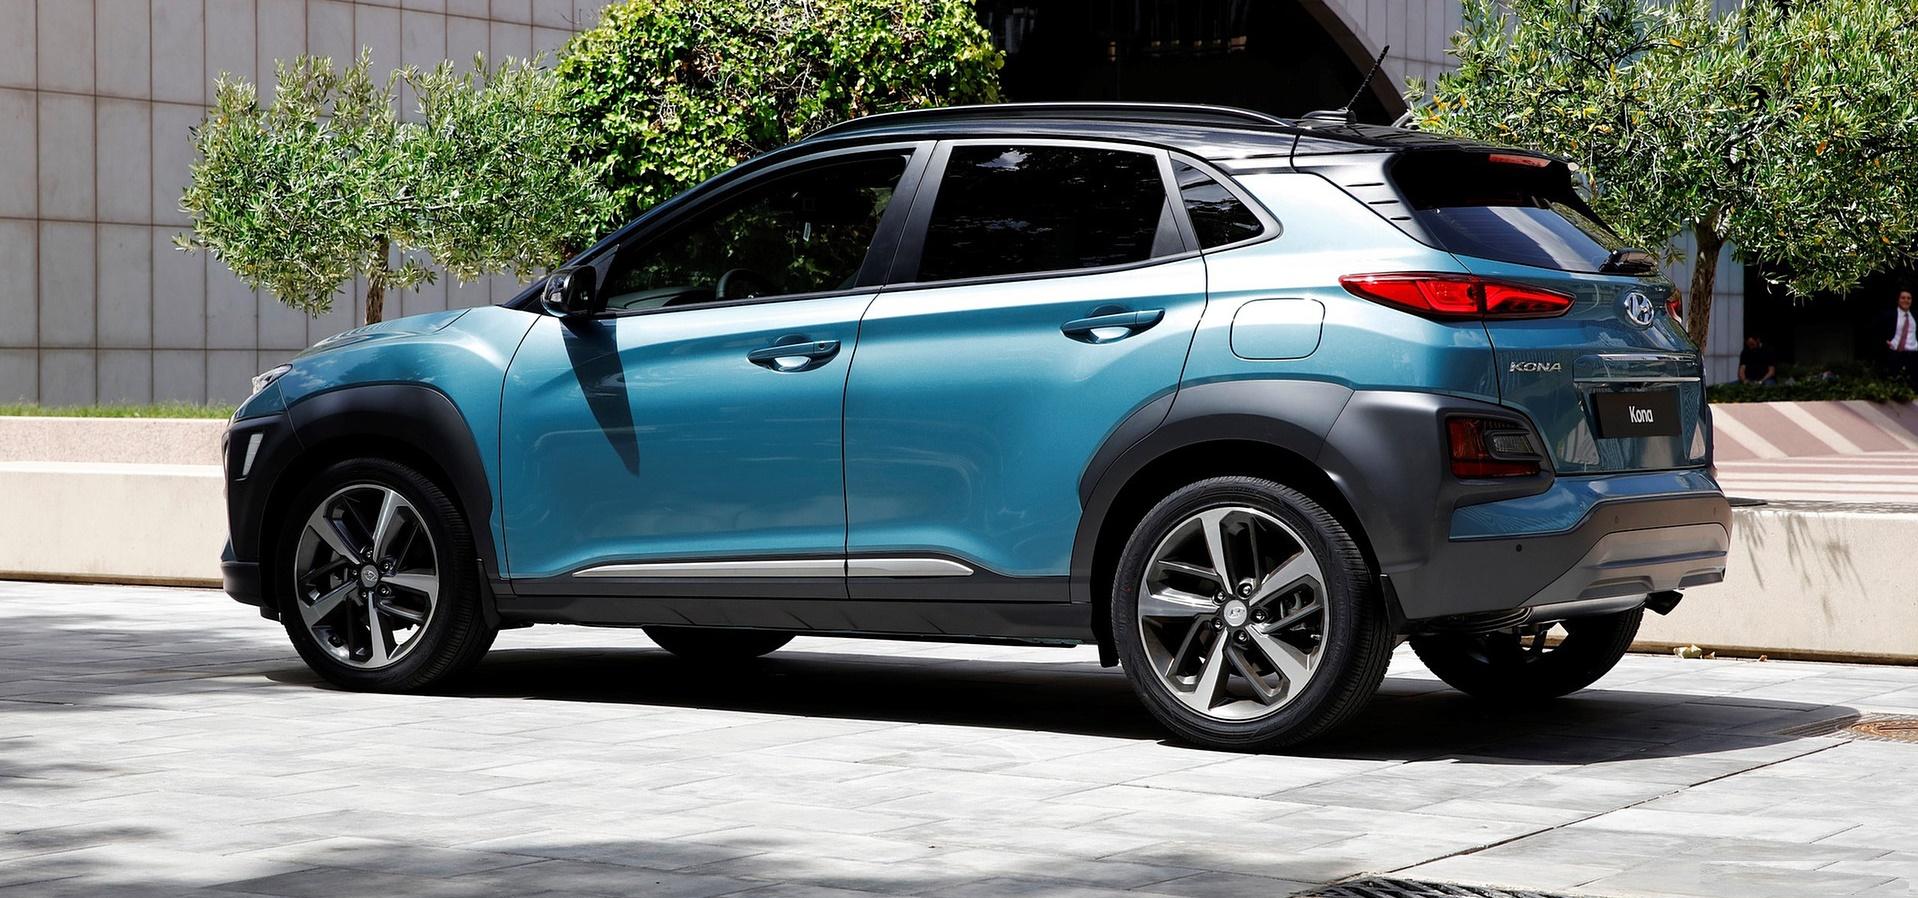 Hyundai Kona, la nuova Suv compatta e corazzata